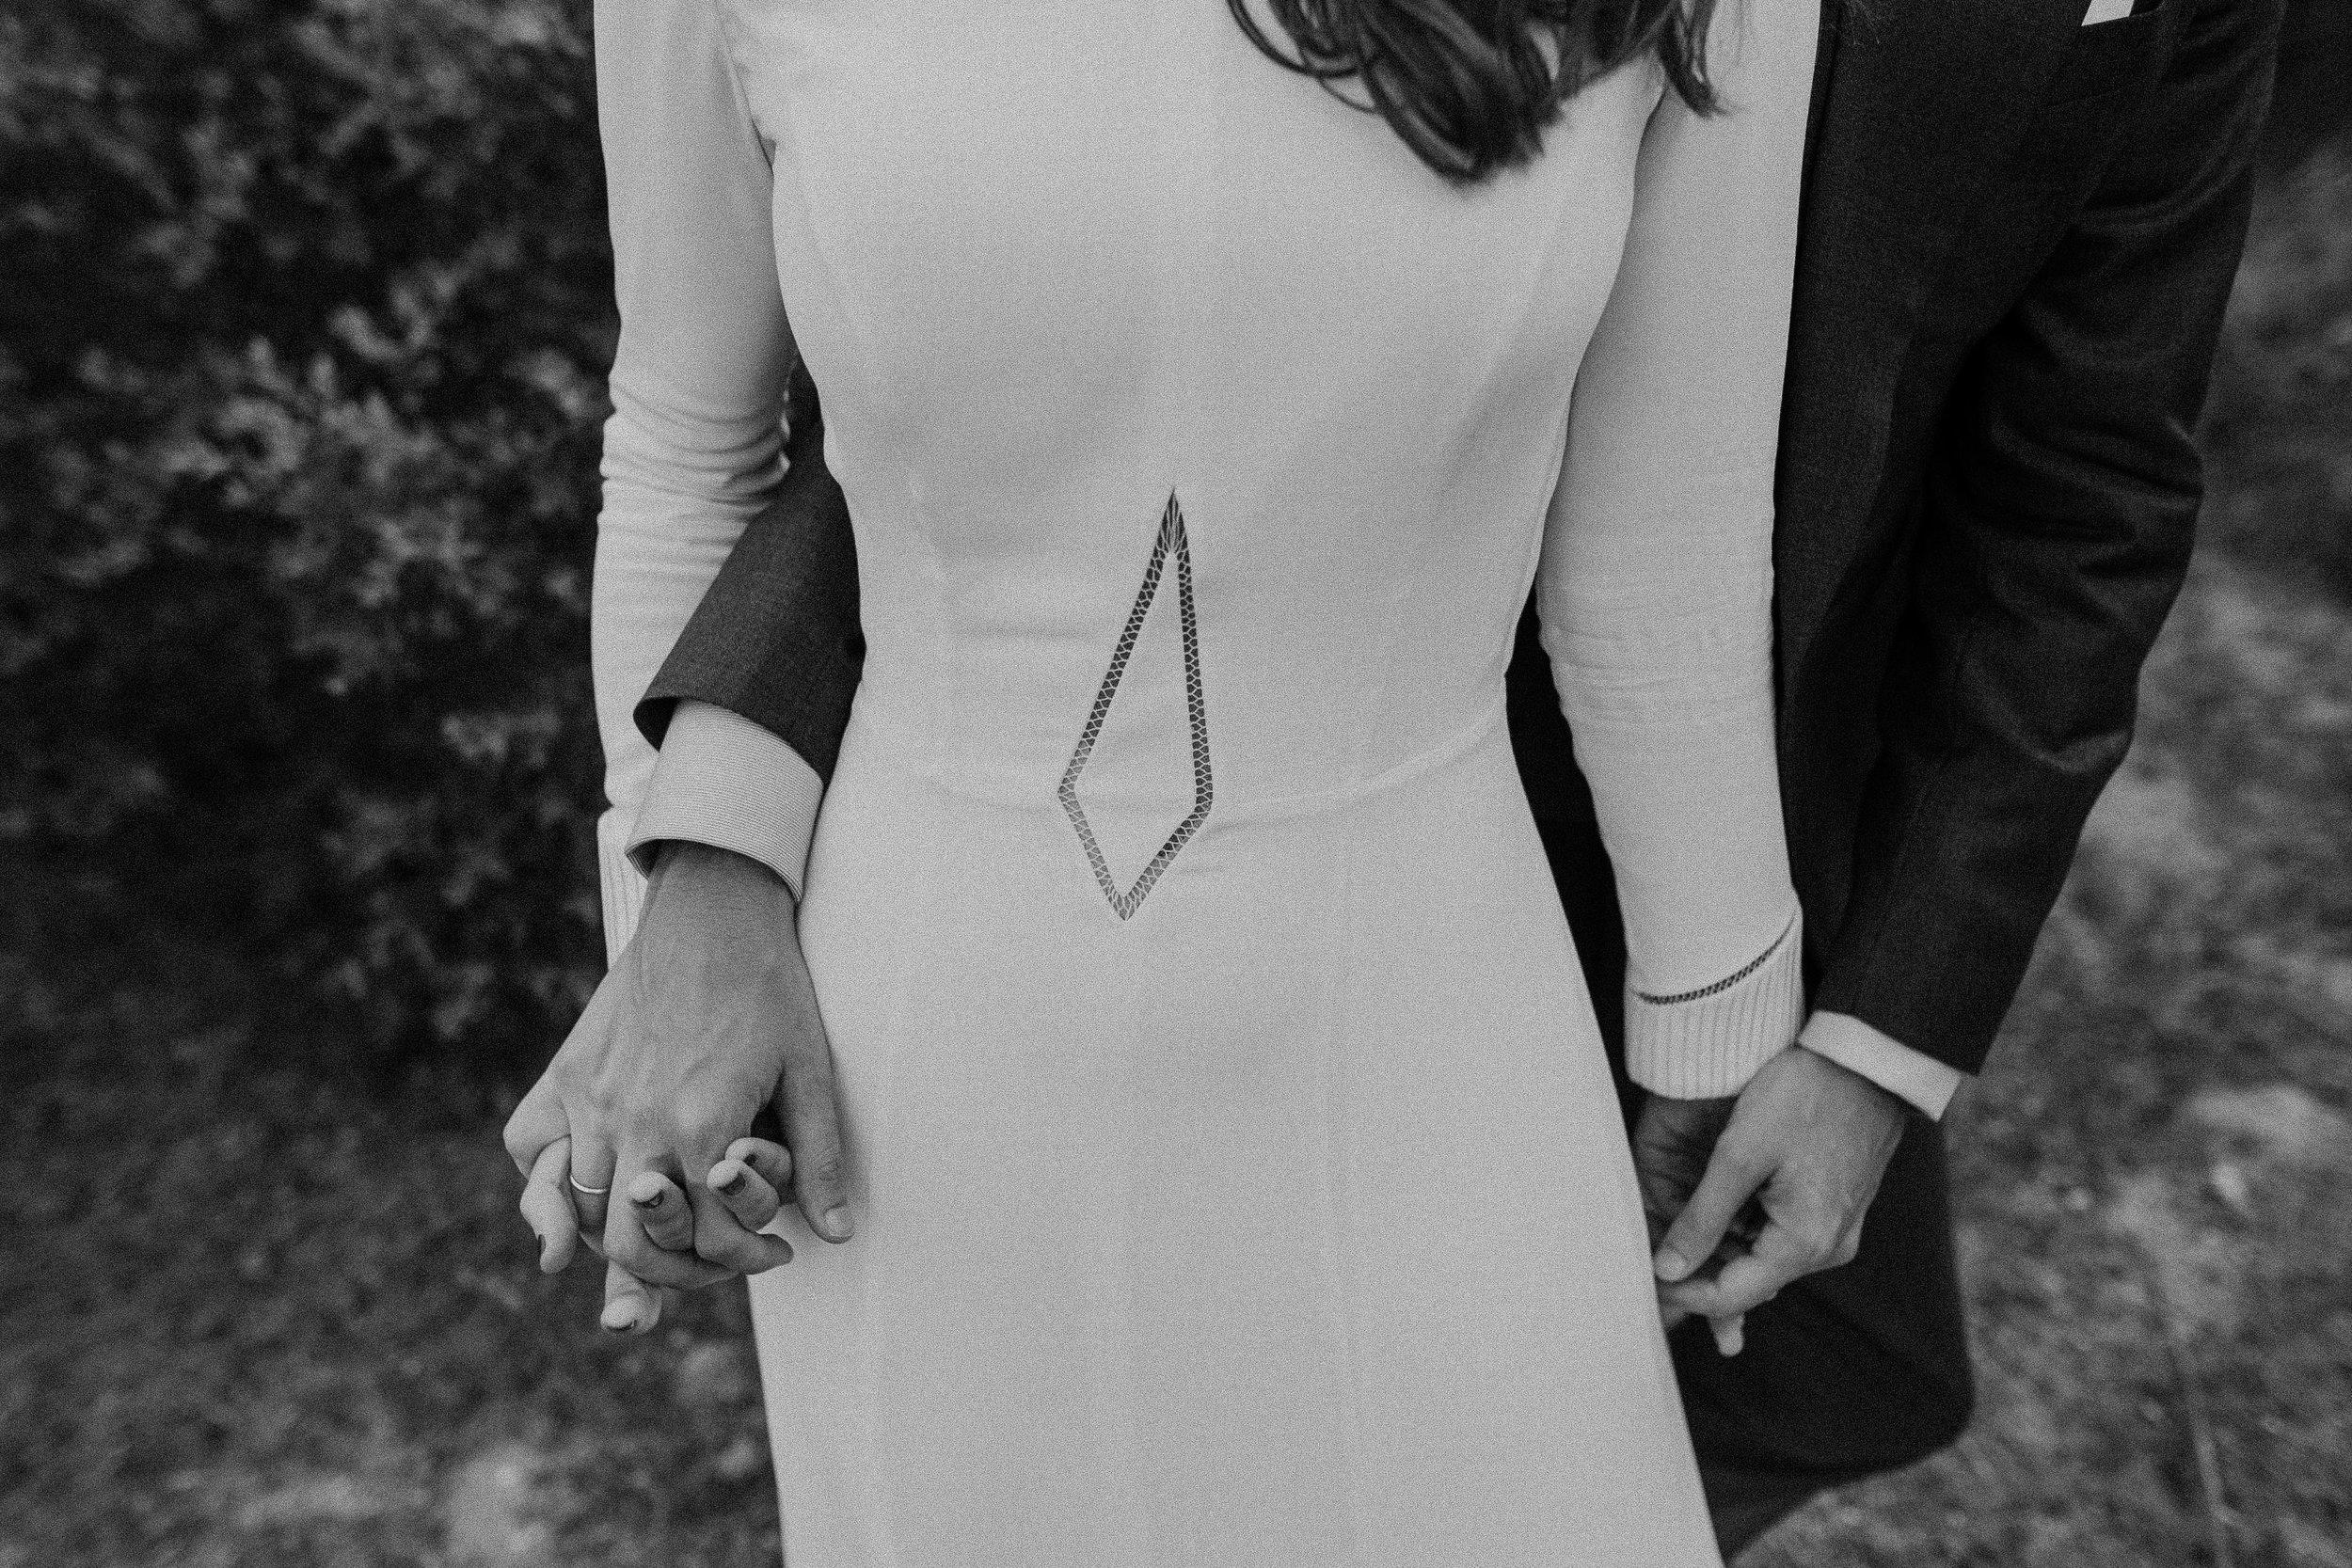 Fotografo de bodas españa serafin castillo wedding photographer spain 940.jpg